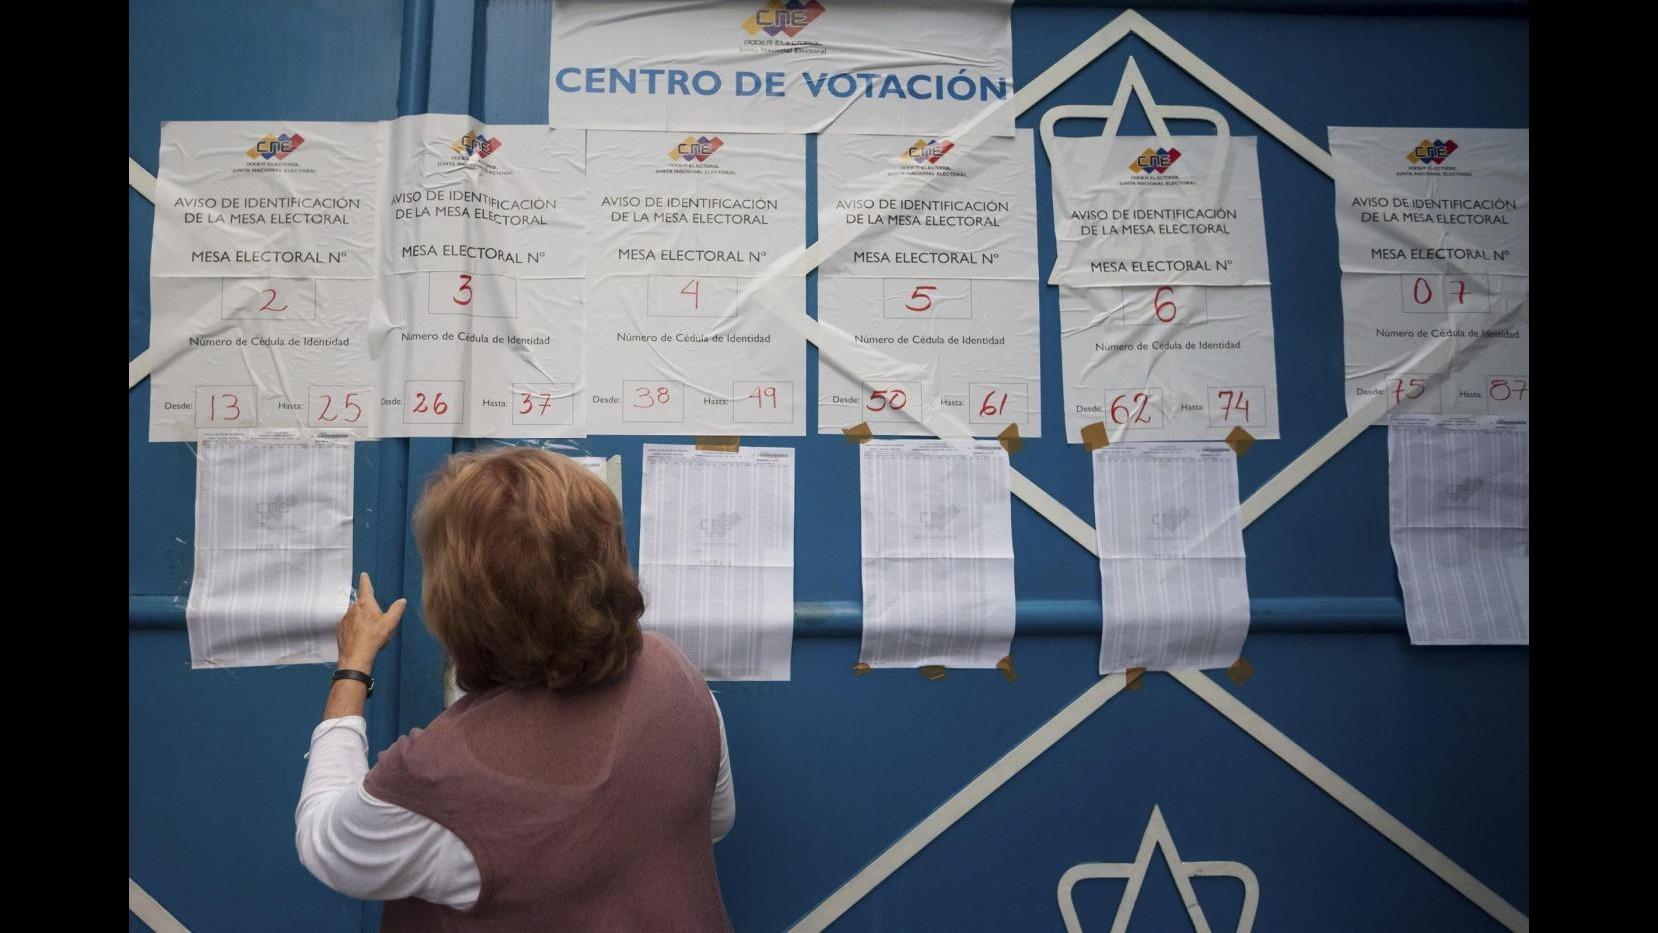 Venezuela al voto per legislative, dopo 16 anni opposizione può vincere